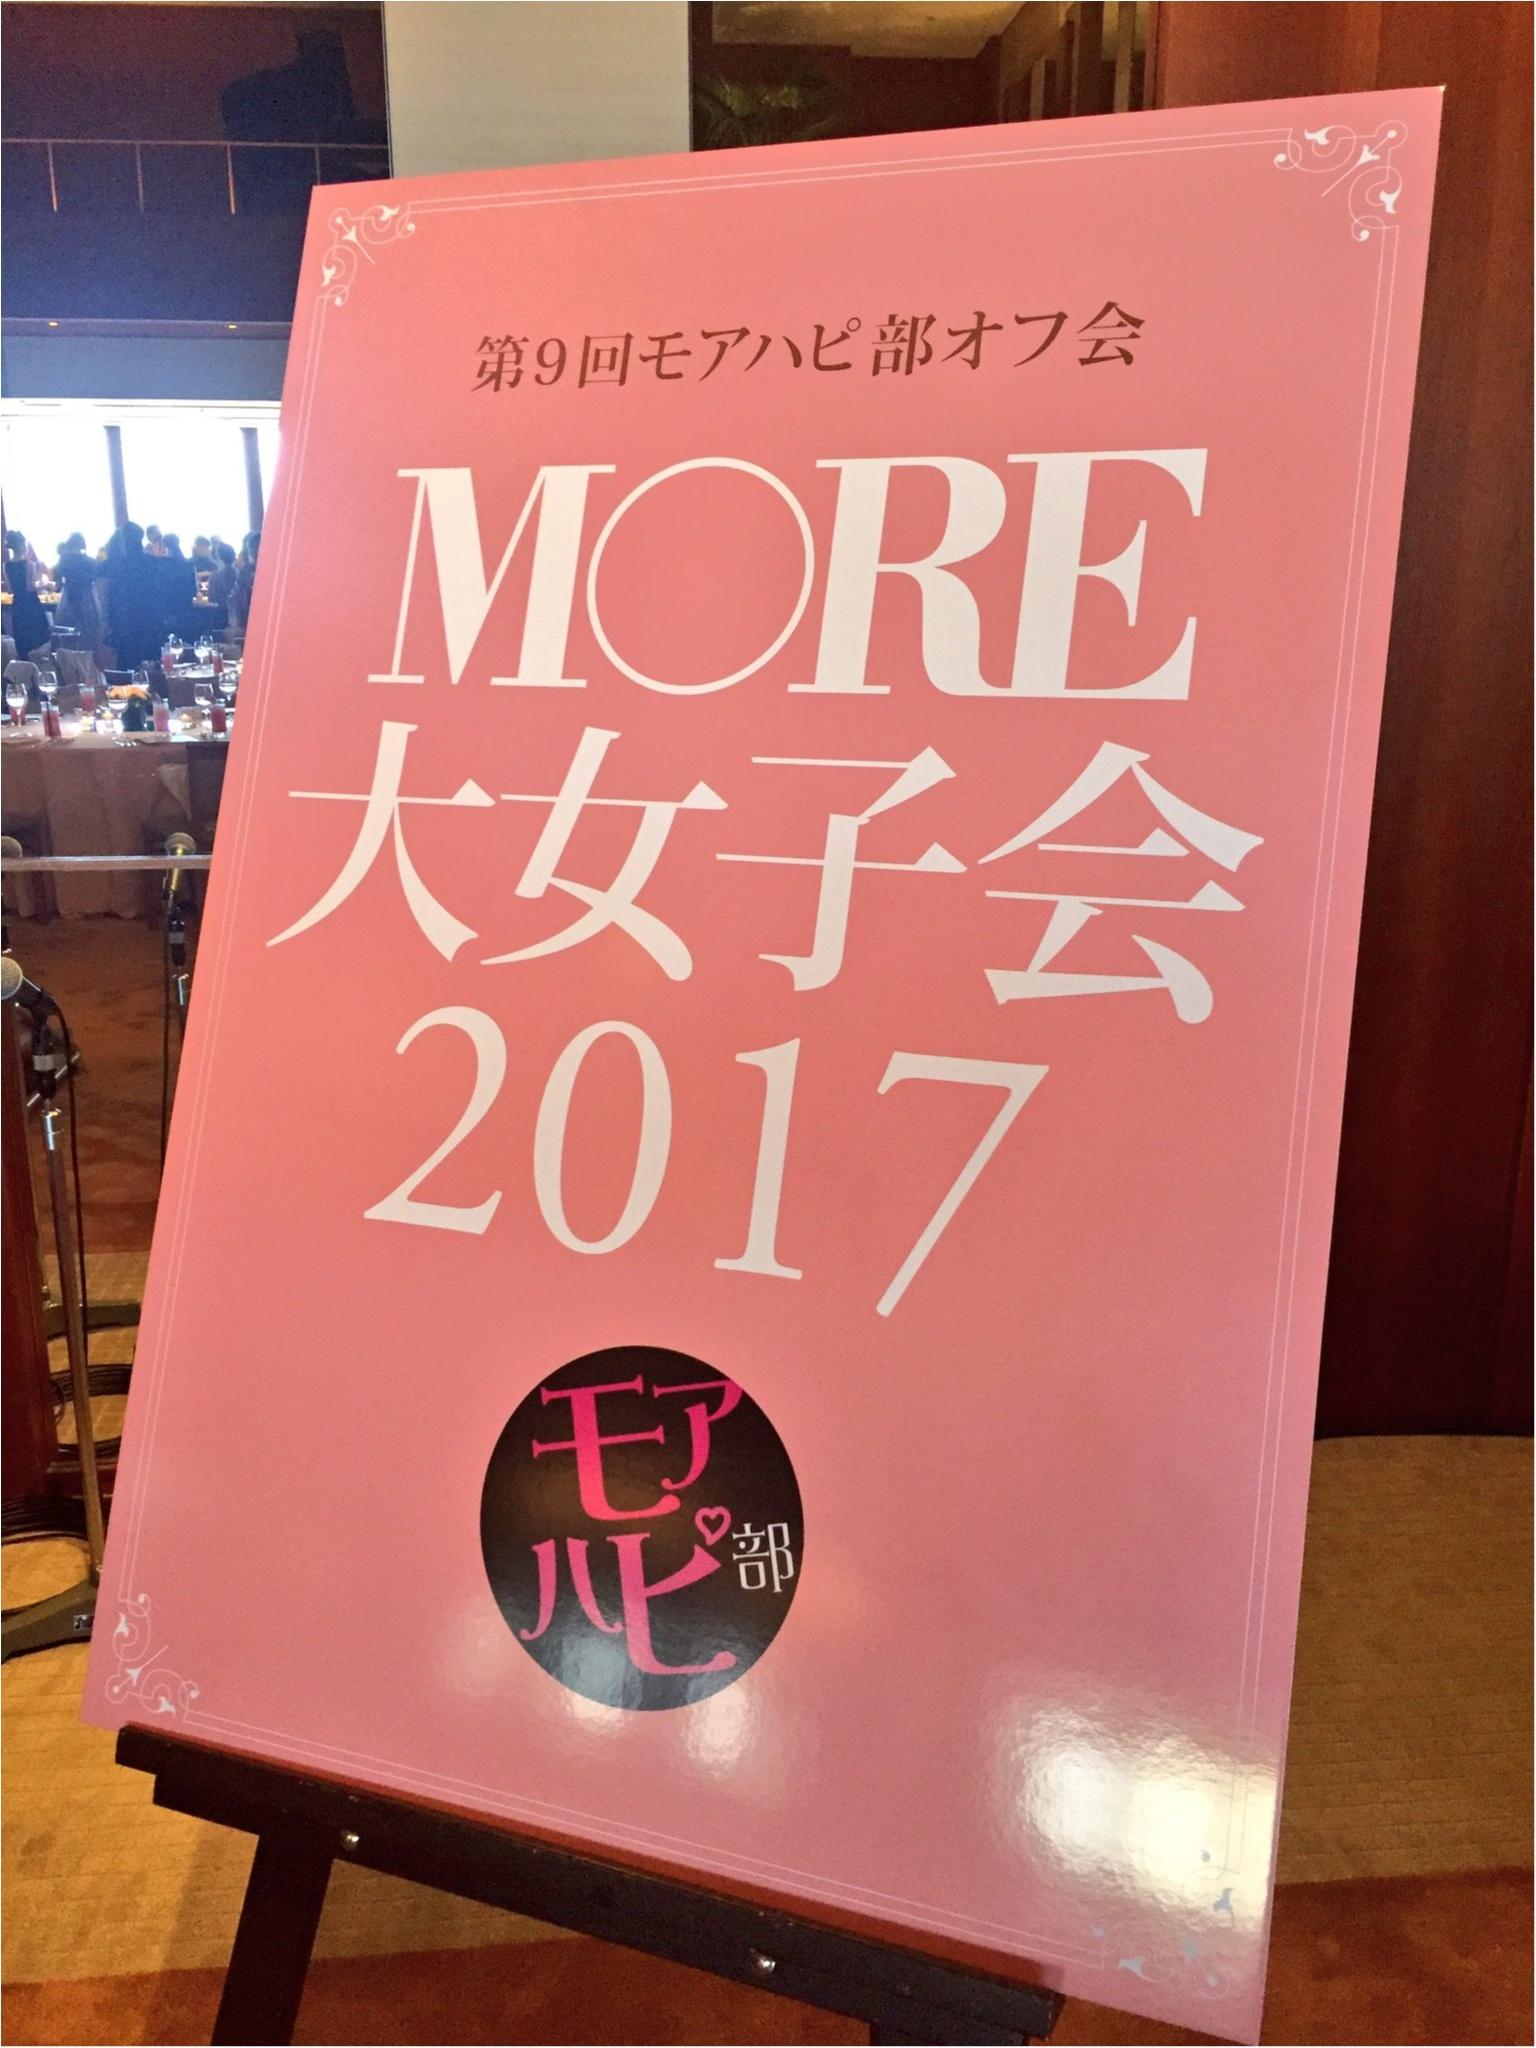 """【初参加♡】モアハピオフ会 """"MORE大女子会"""" に参加して来ました!!_1"""